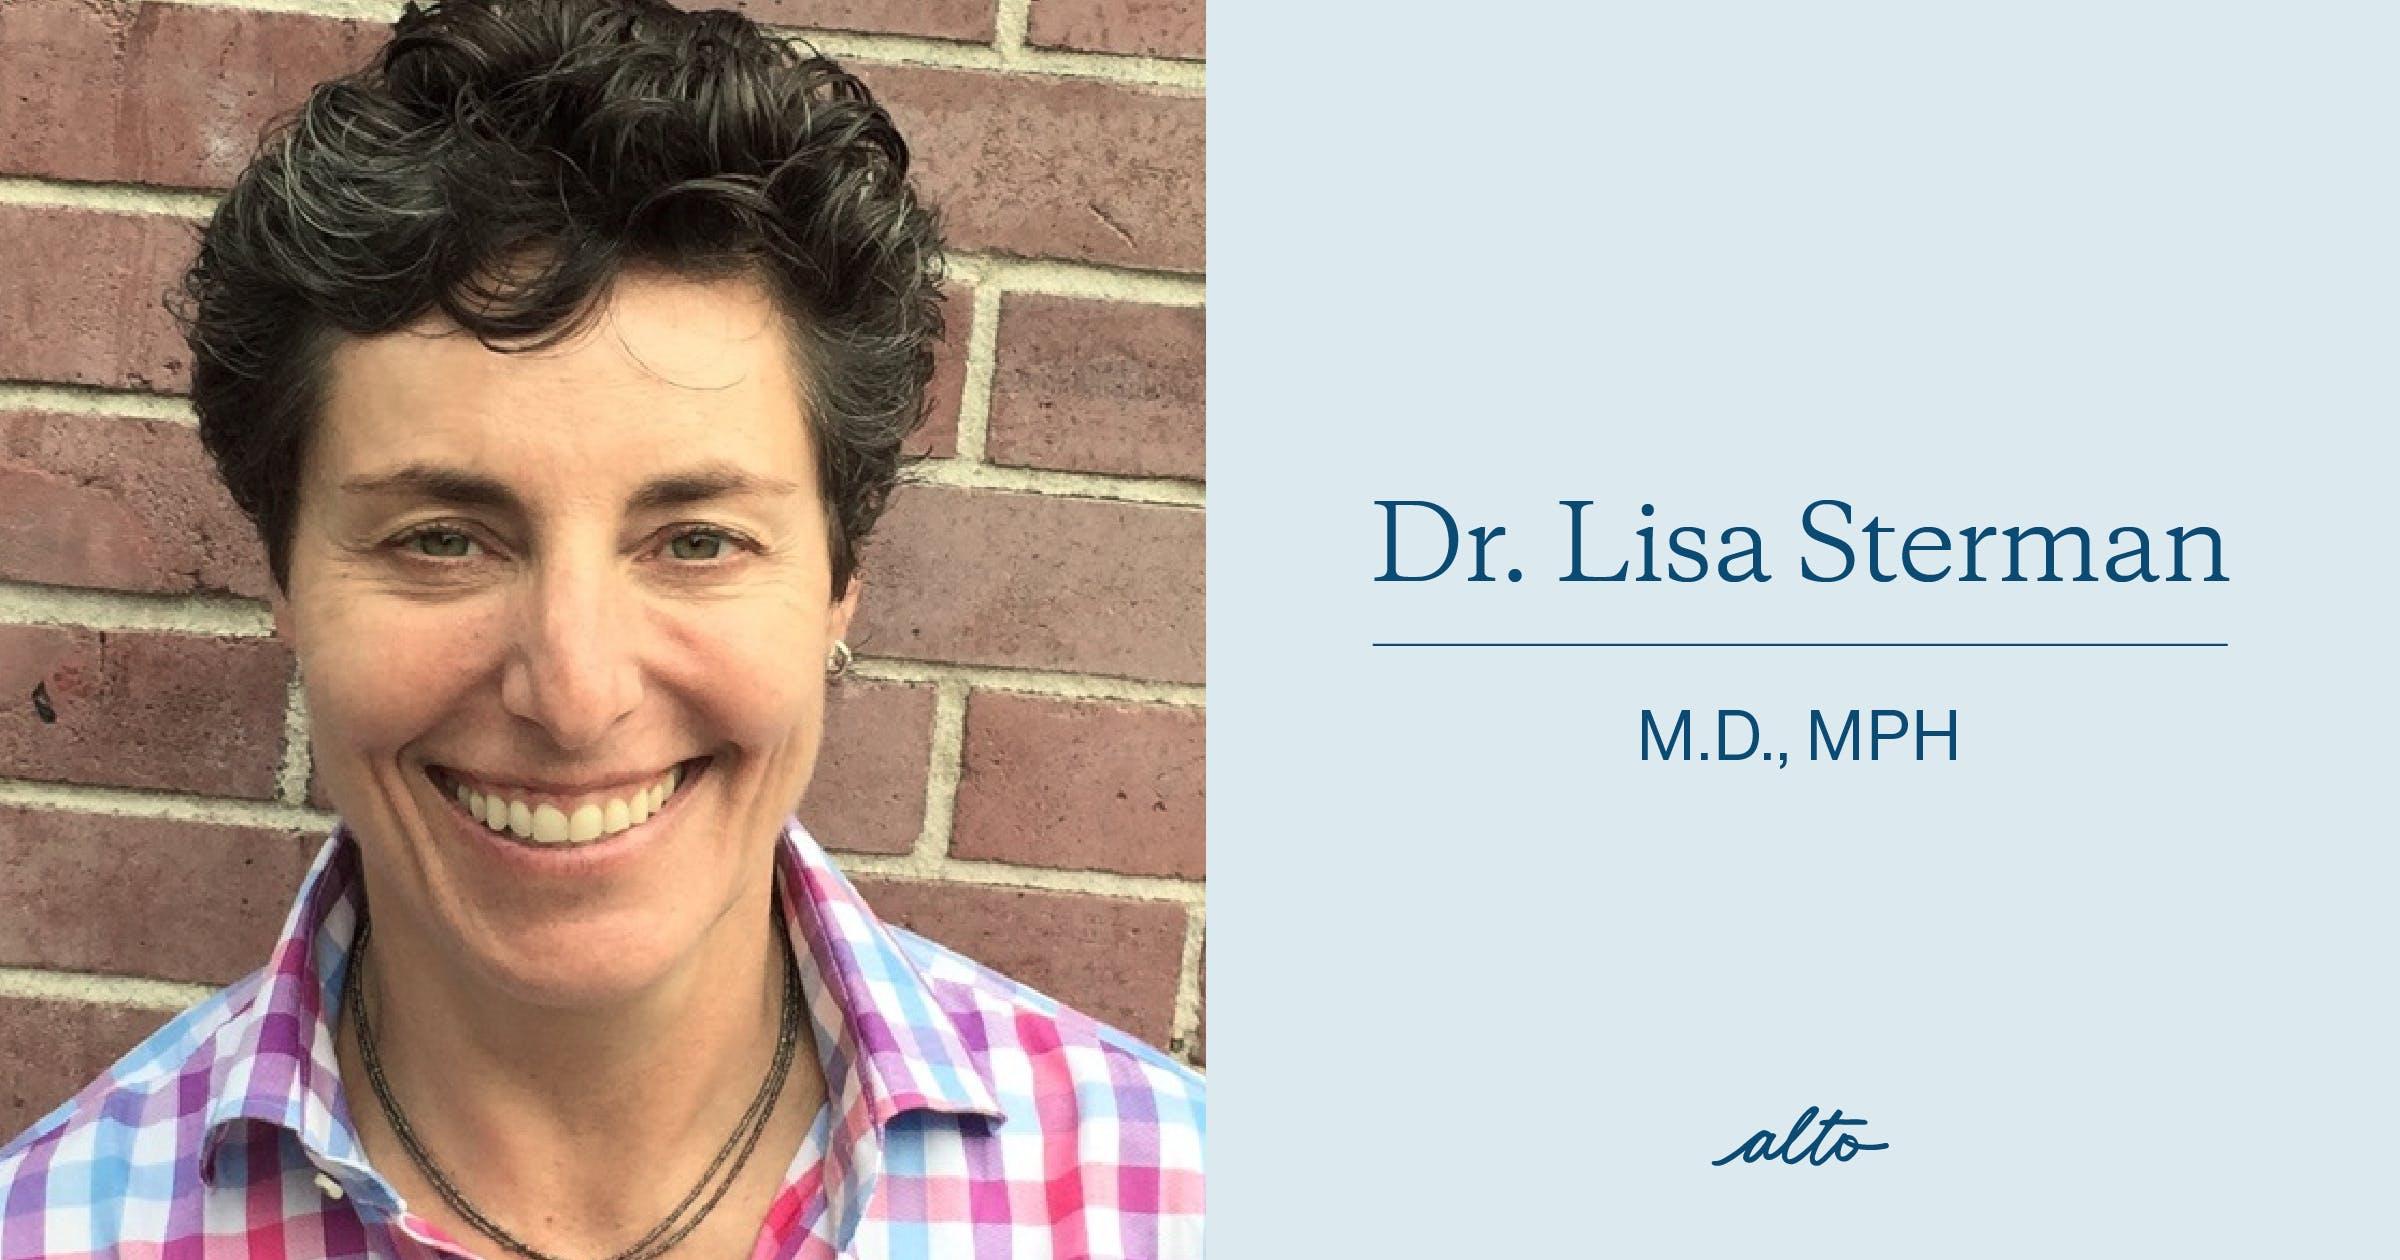 Dr. Lisa Sterman, M.D., MPH